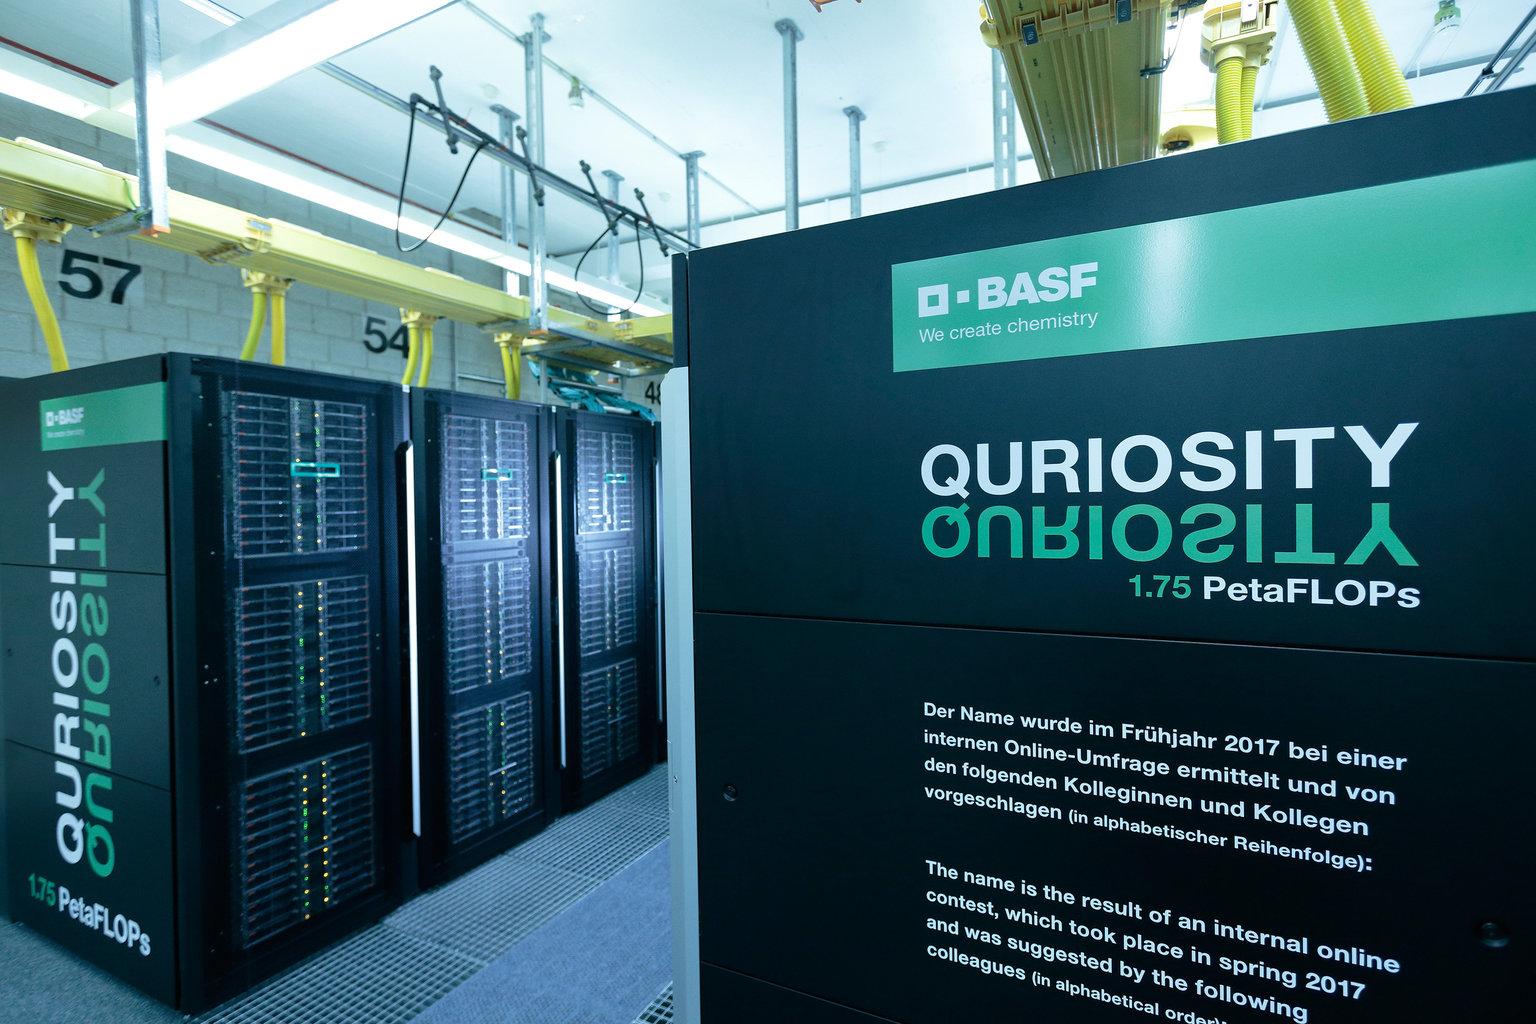 Quriosity, il supercomputer che può cambiare il settore AgTech